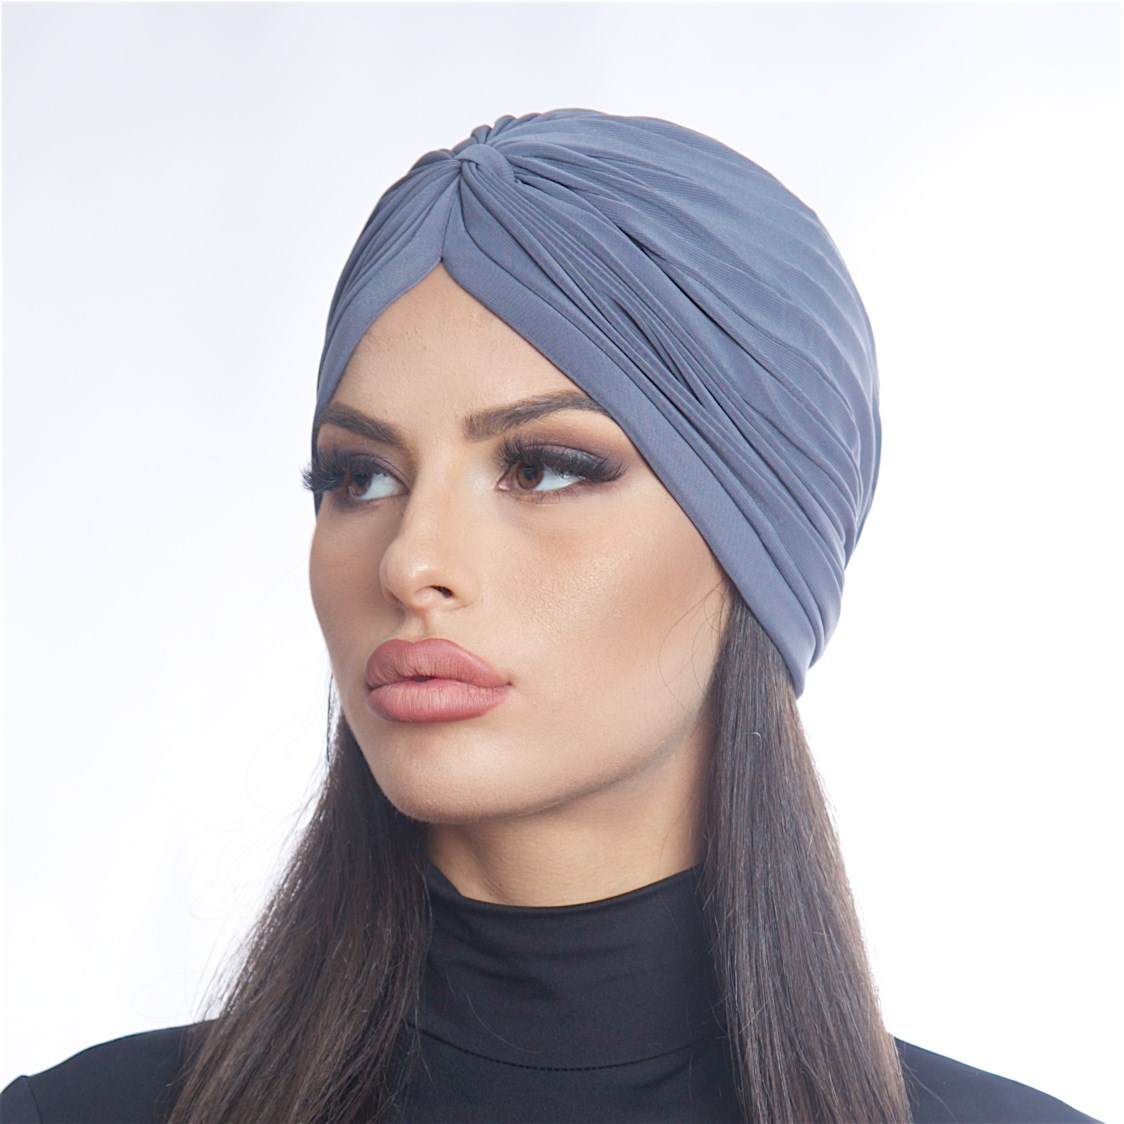 Дамски тюрбан в тъмно сив цвят